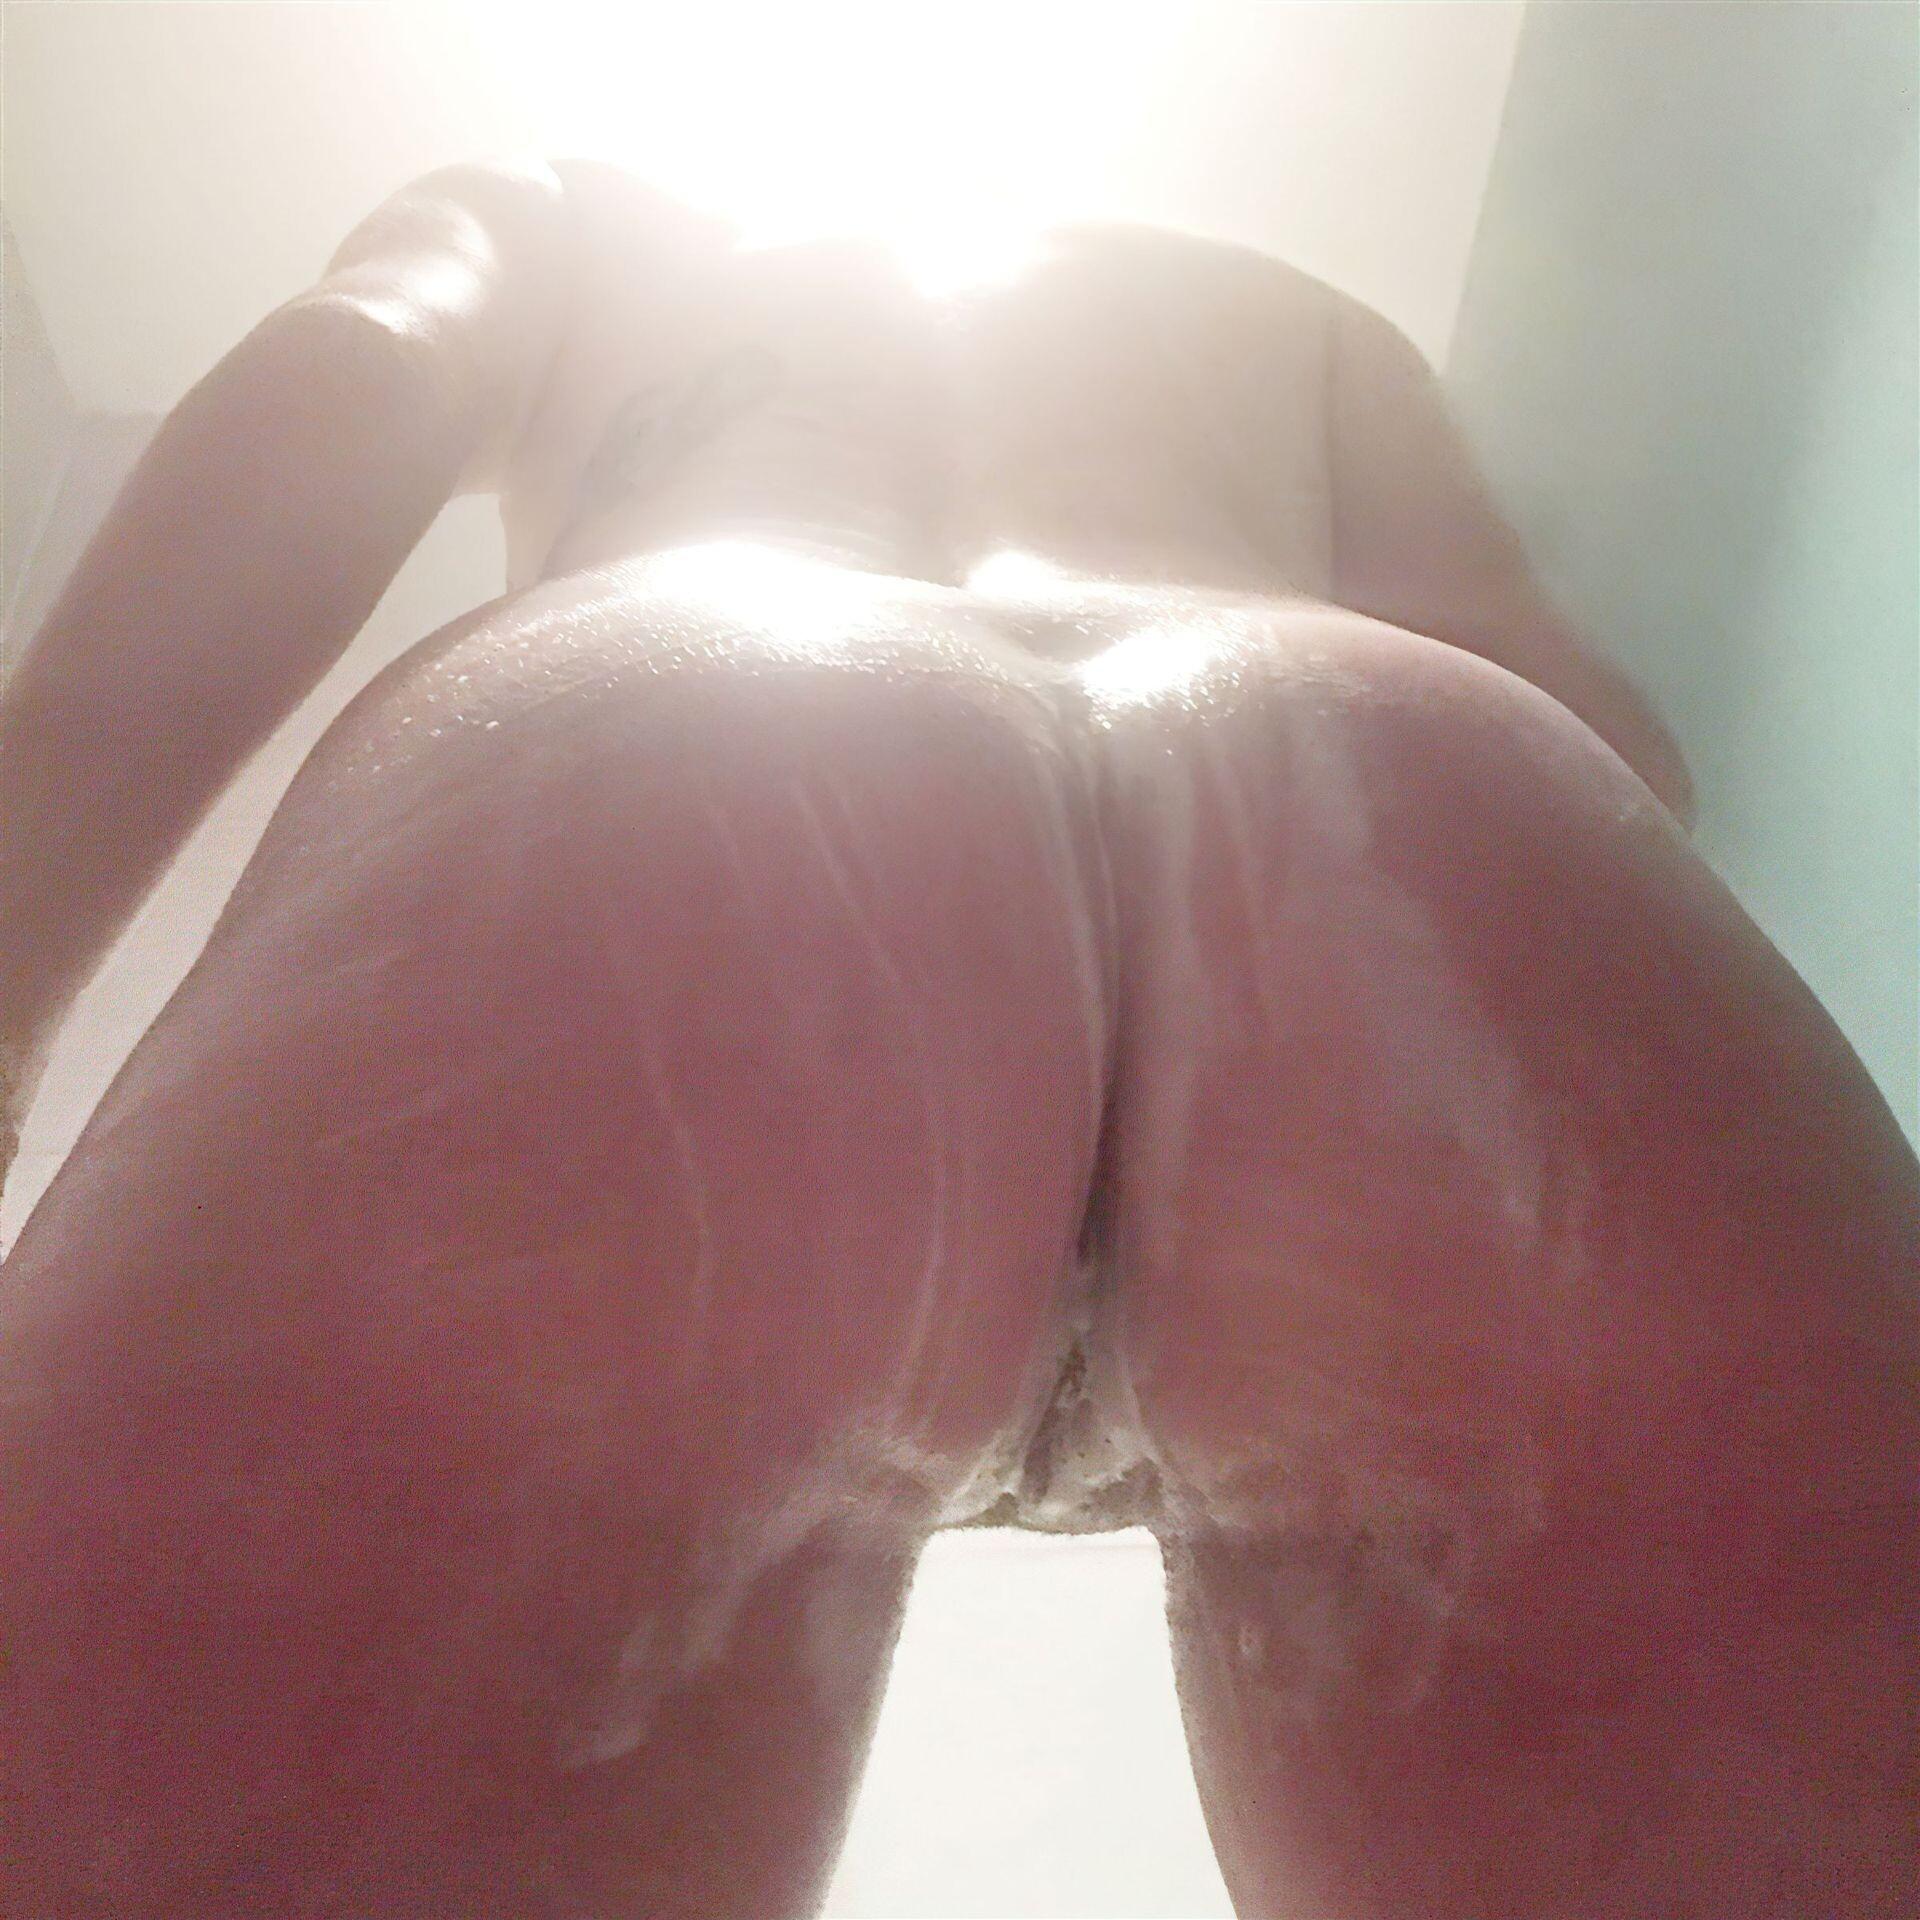 Kristen Stewart Nude Leaked 5 fappenings.com 1